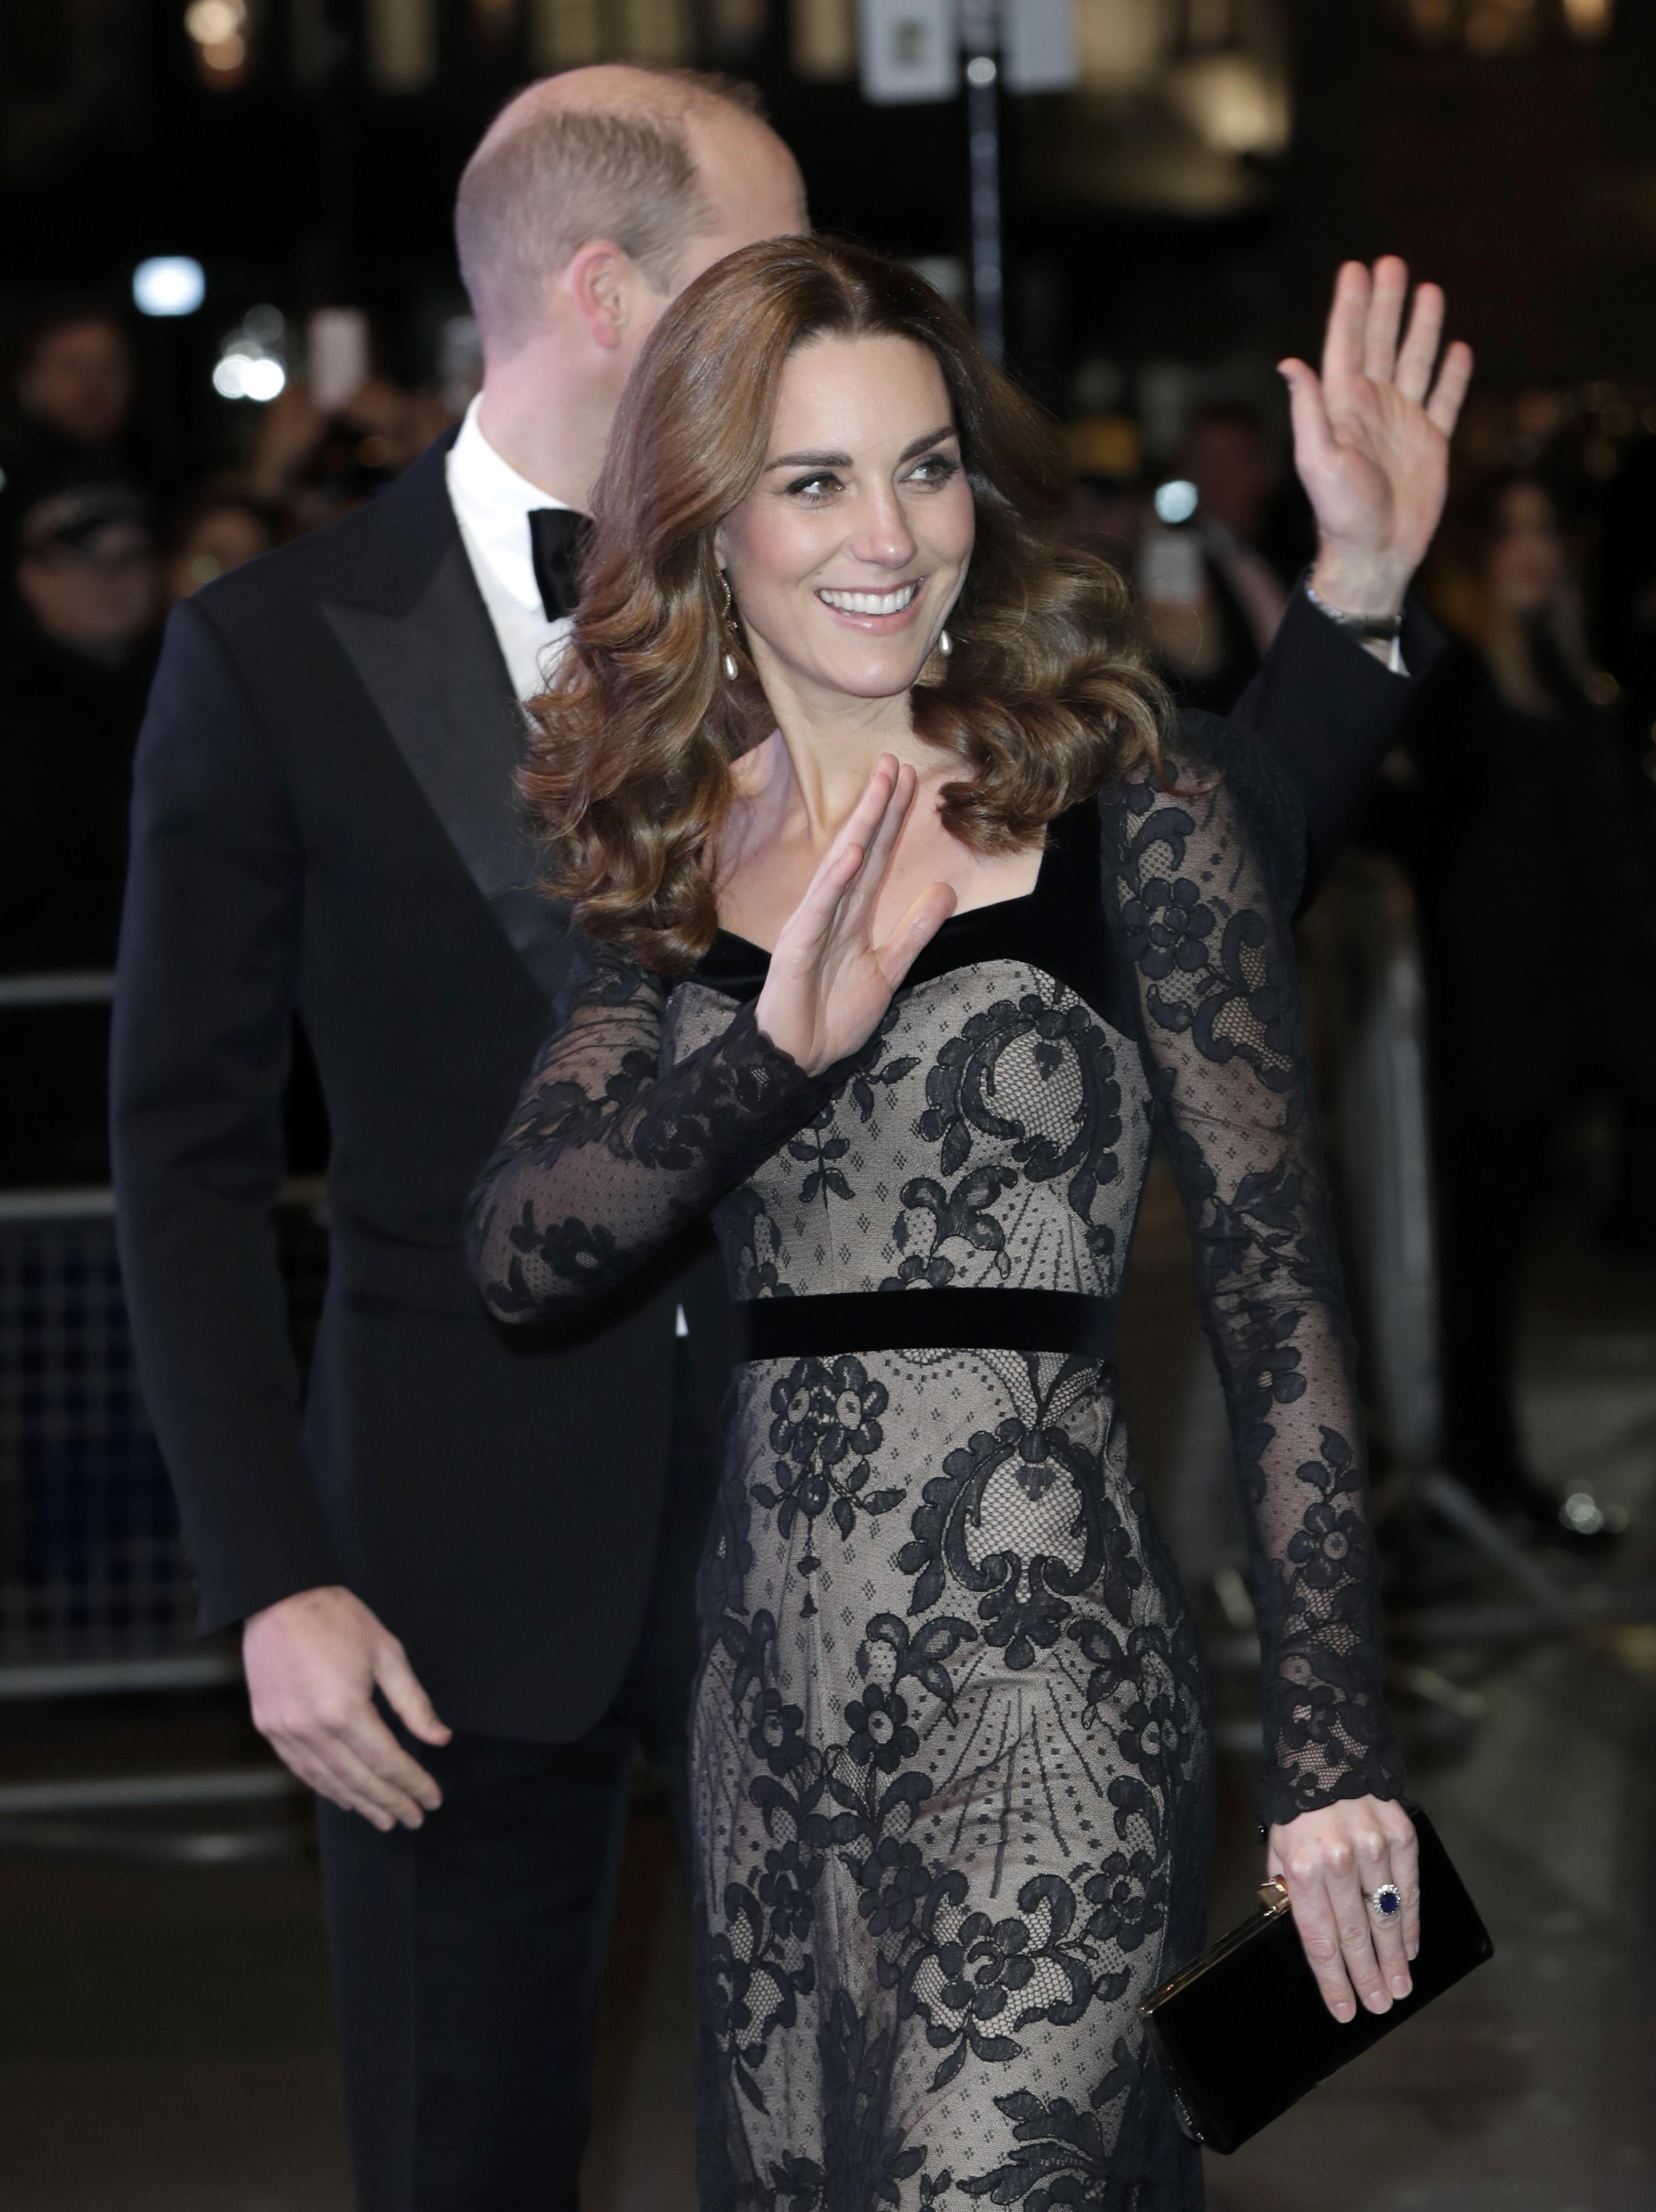 <p>Всяка година кралските особи уважават благотворителното събитие. Миналата година честта бе на новата херцогиня Маркъл и принц Хари. Тогава бившата американска актриса бе бременна с Арчи - първото дете на двойката.</p>